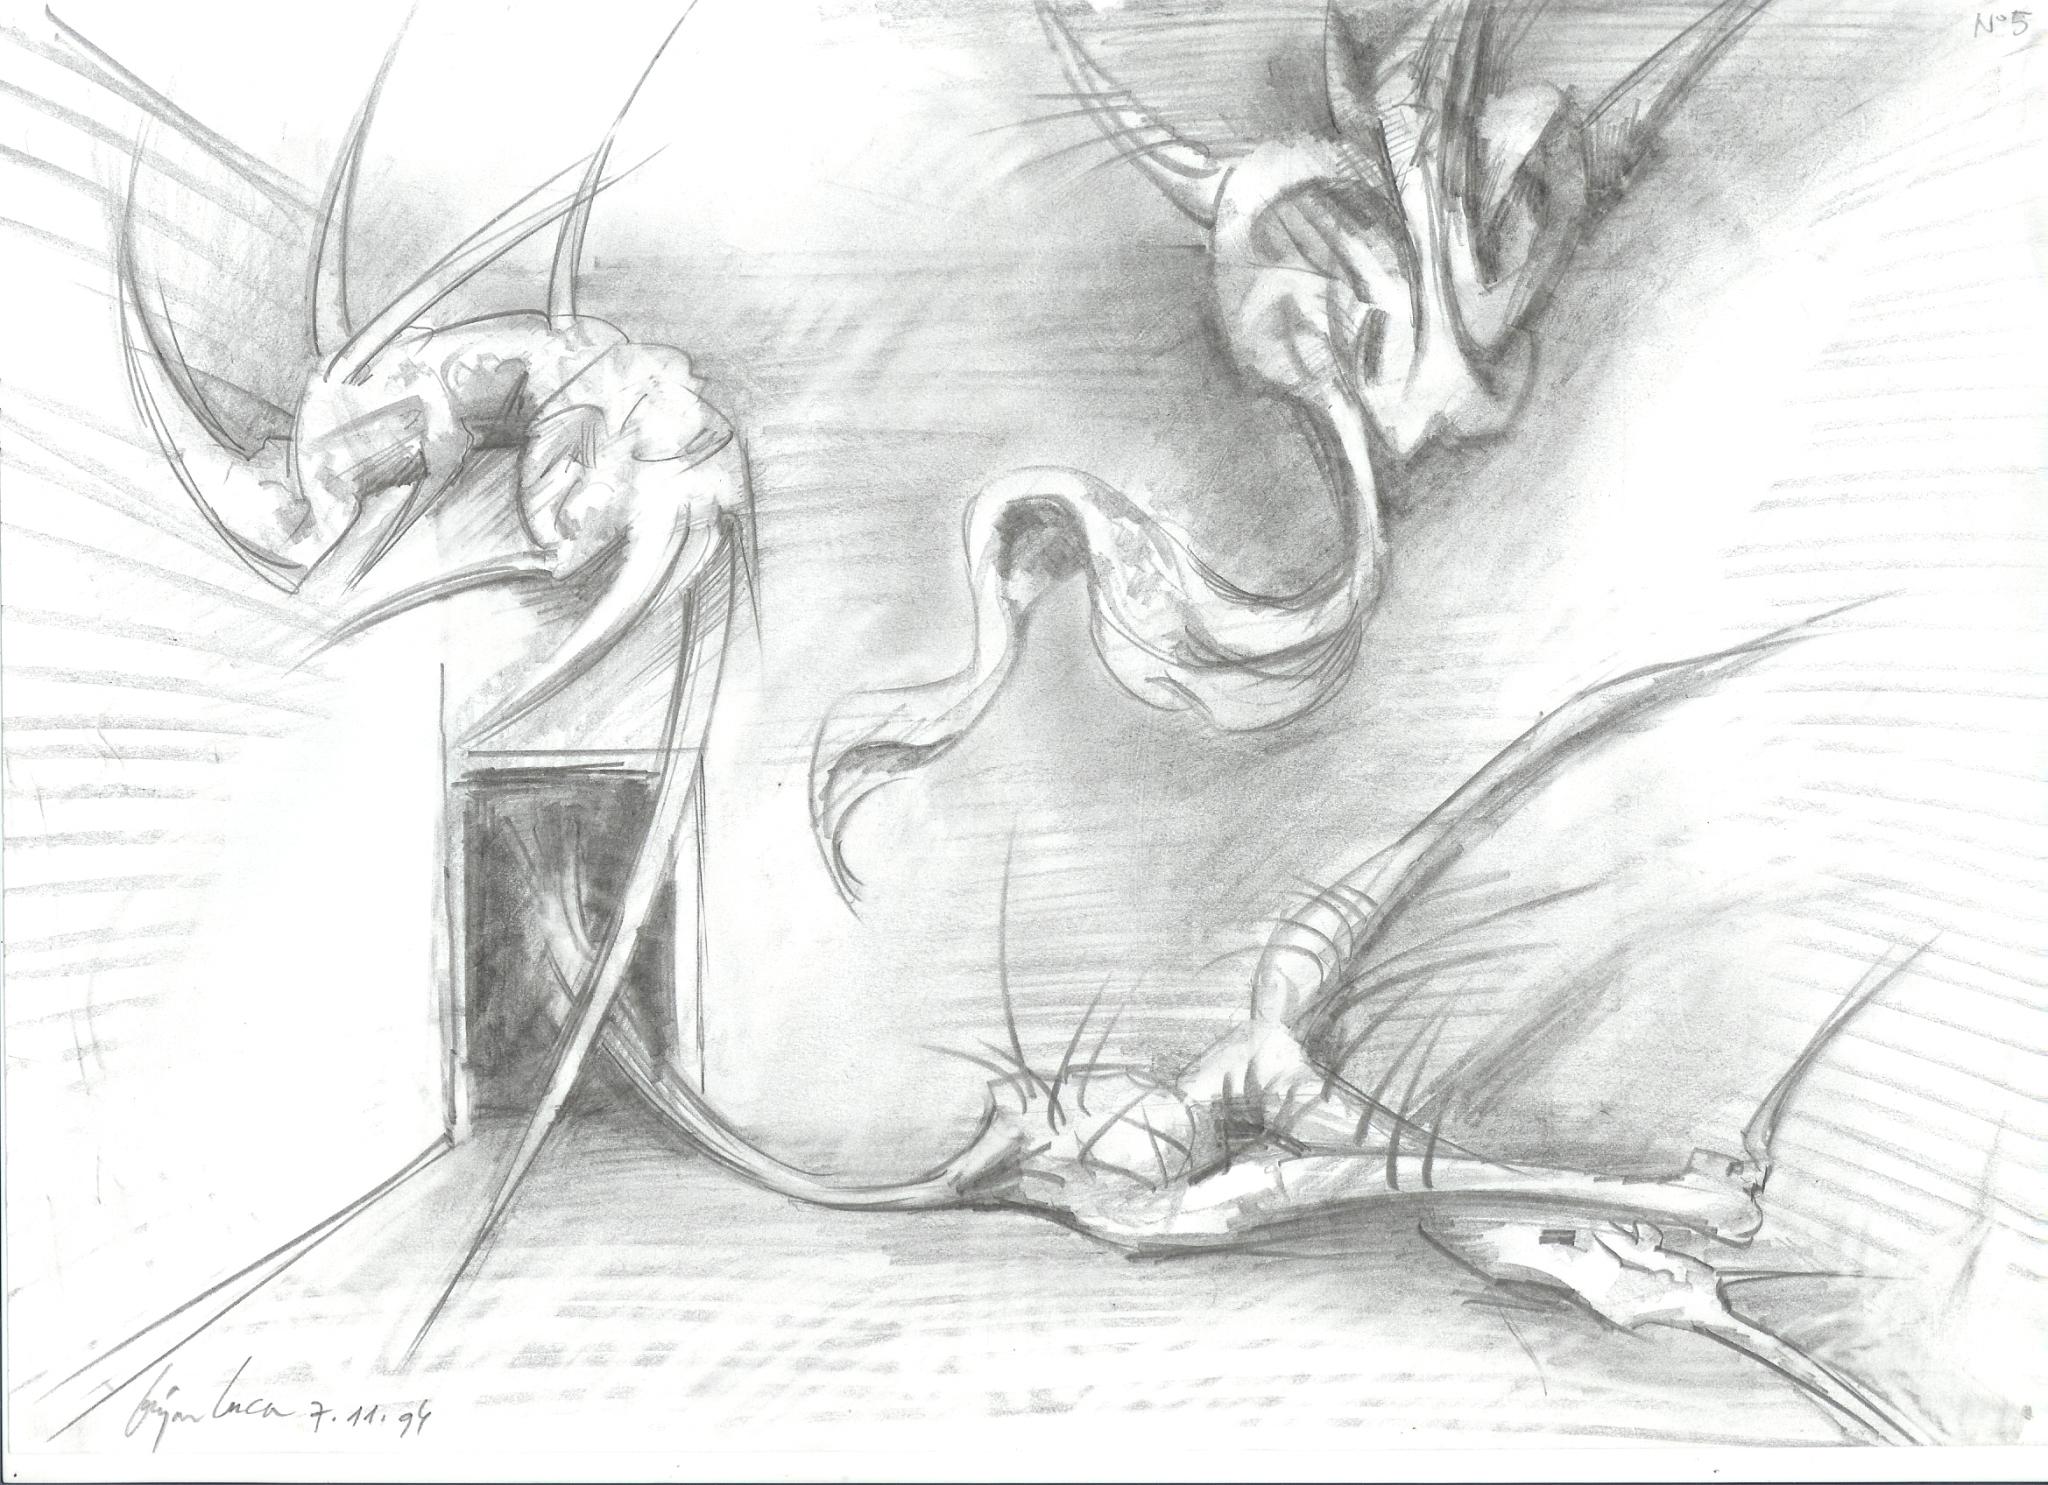 La chambre hantée #07